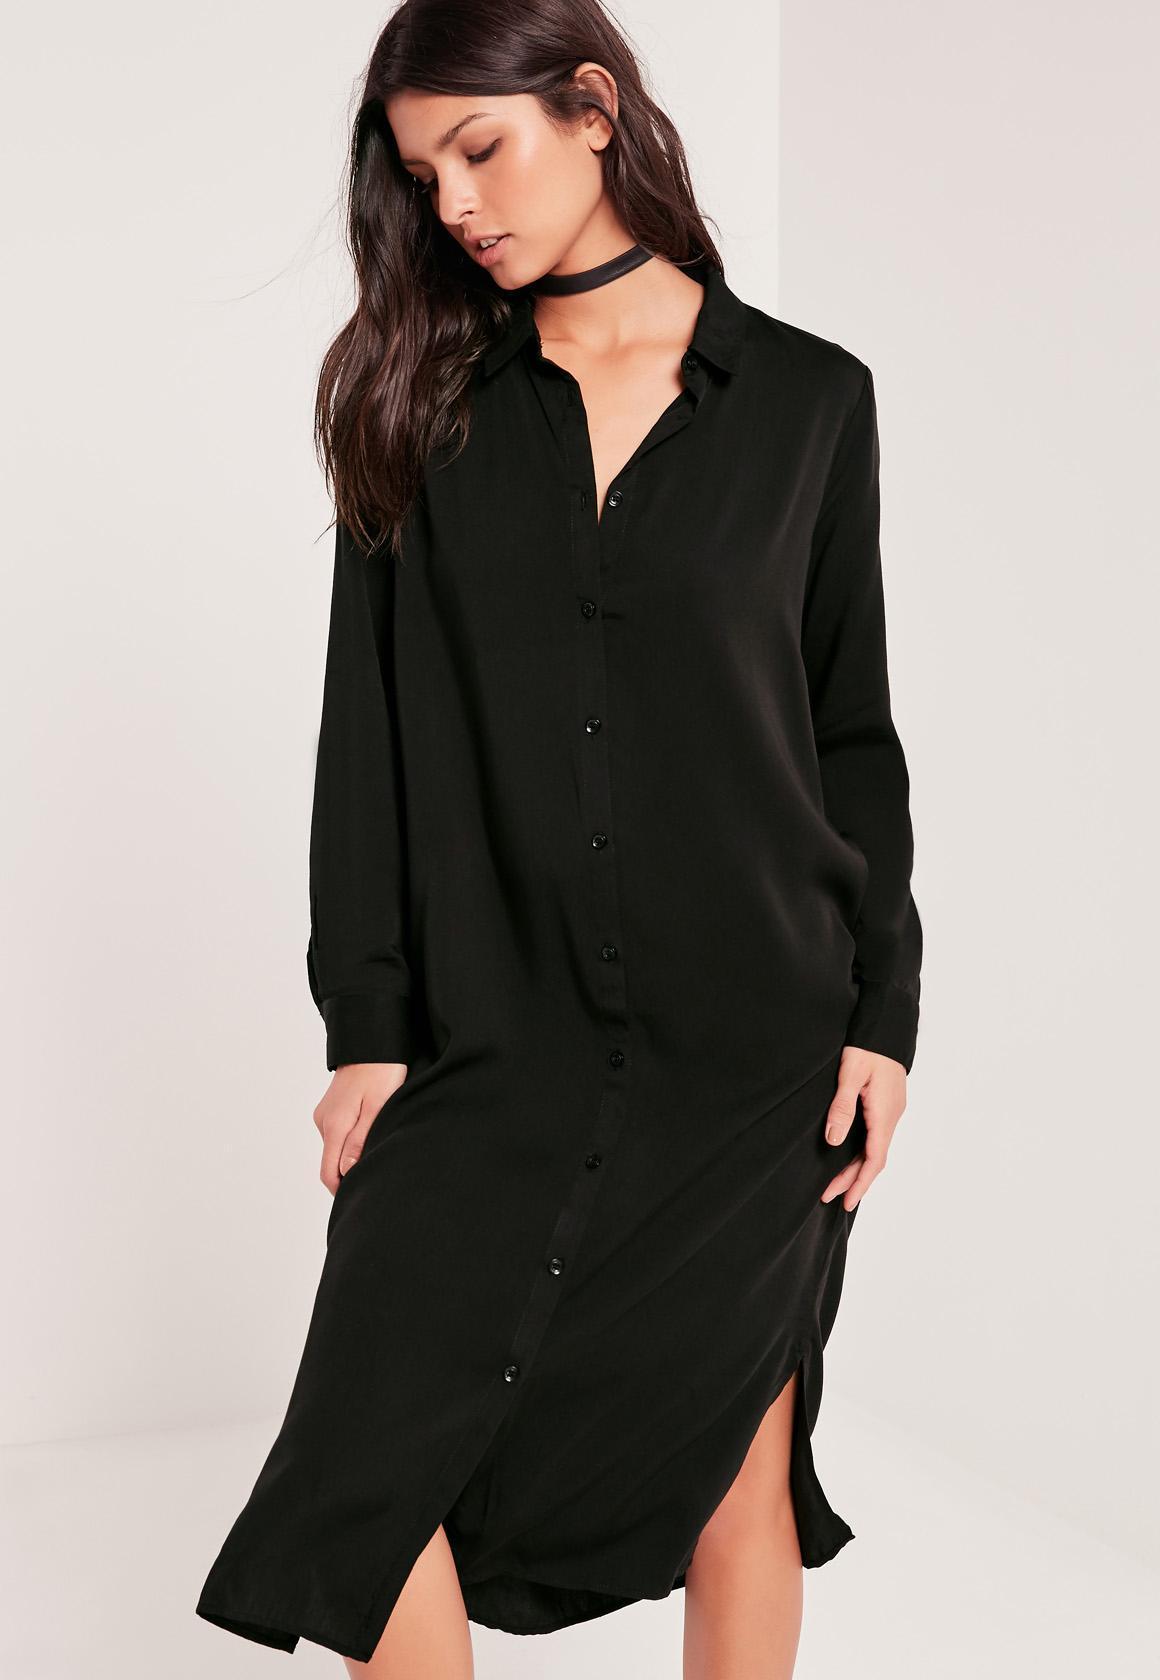 Missguided midi shirt dress black in black lyst for Midi shirt dress black